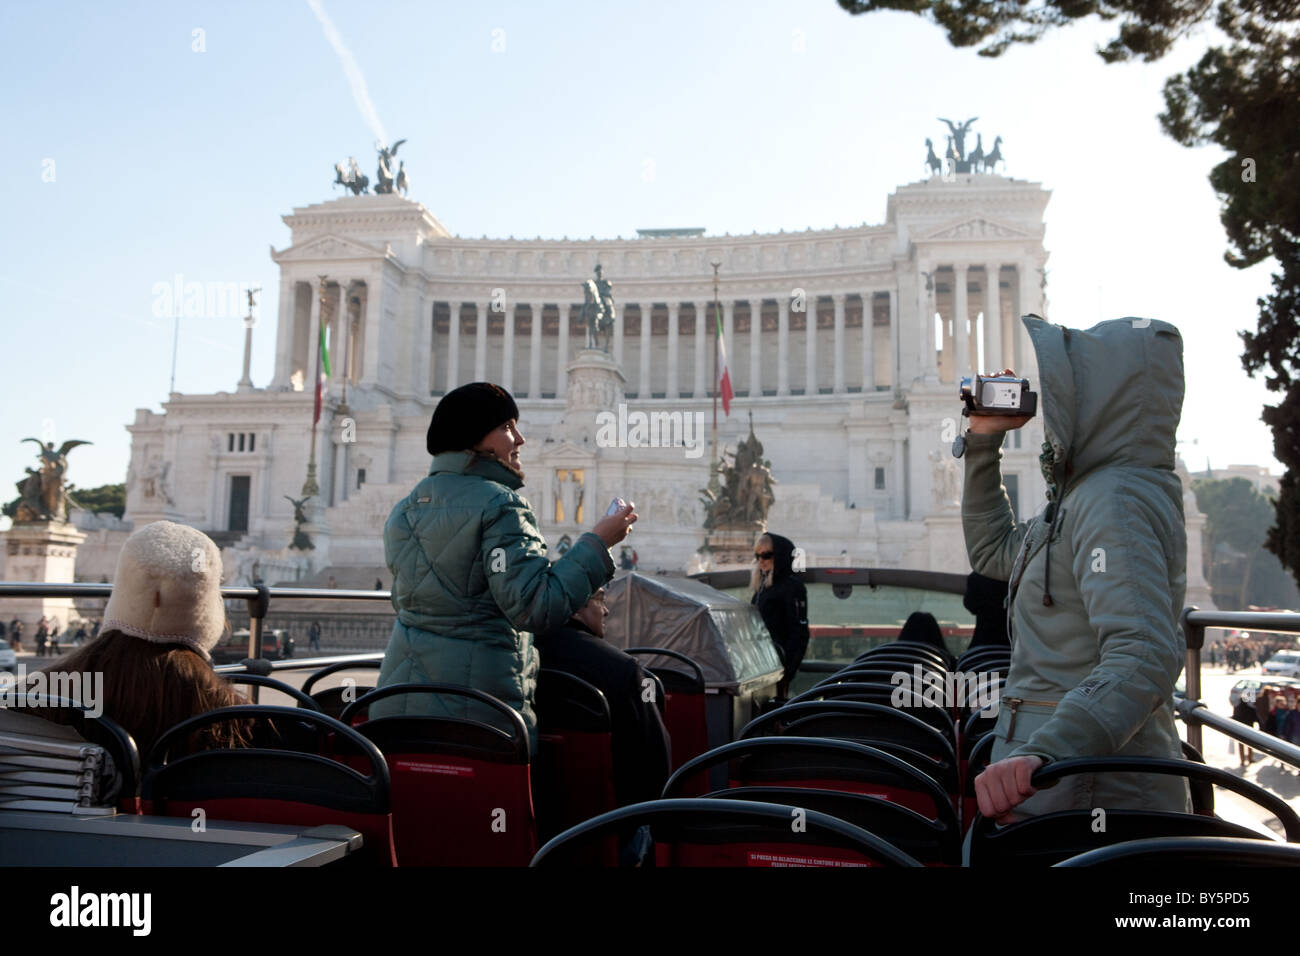 Rome Italie 'Piazza Venezia' édifice Vittoriano de touristes en hiver Photo Stock